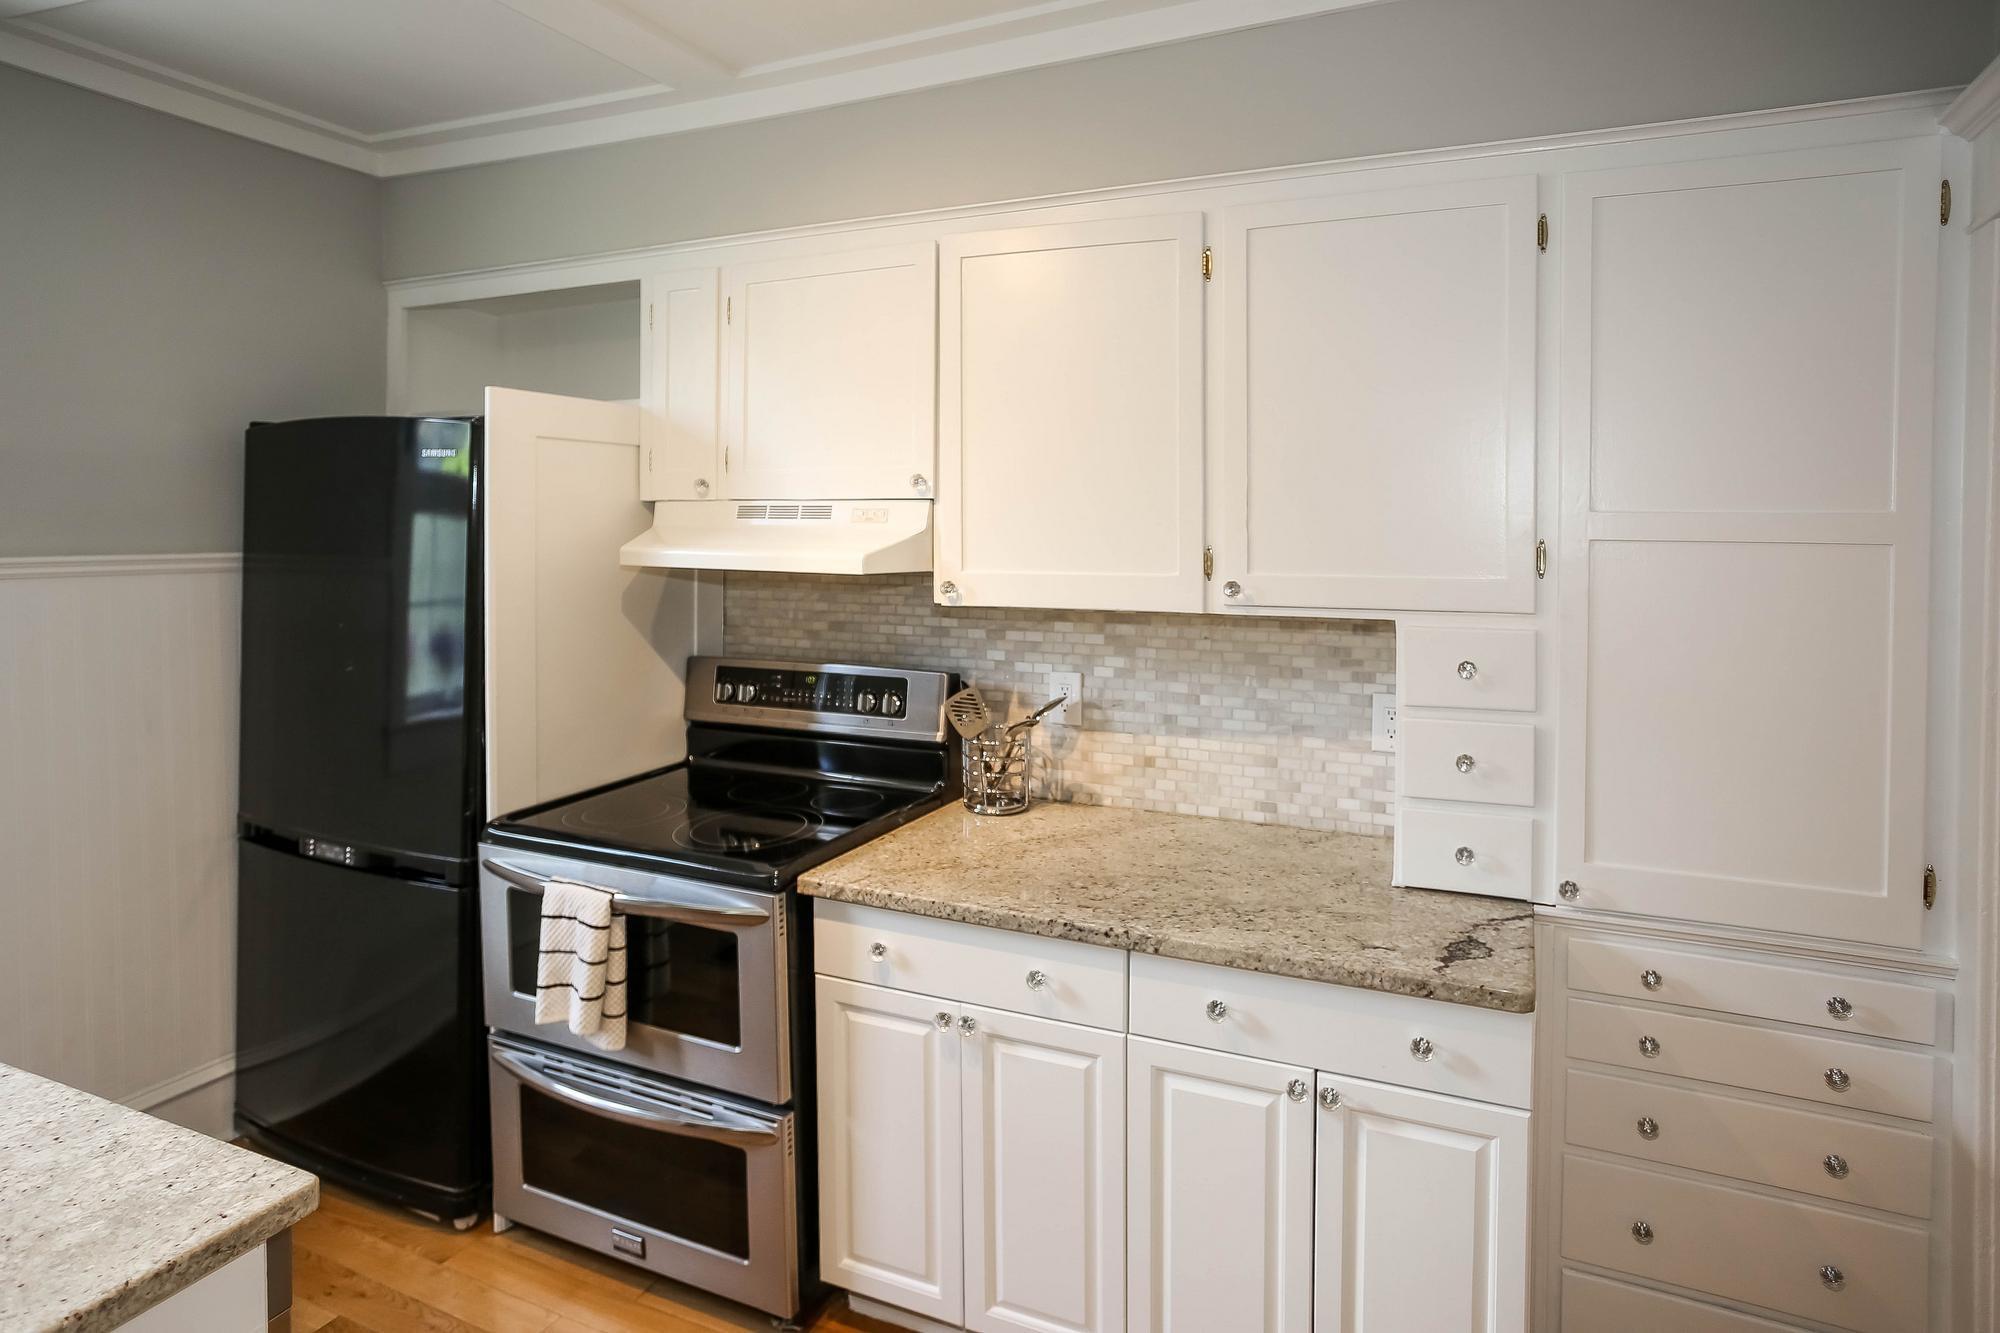 Photo 15: Photos: 108 LENORE Street in Winnipeg: Wolseley Single Family Detached for sale (5B)  : MLS®# 202013079